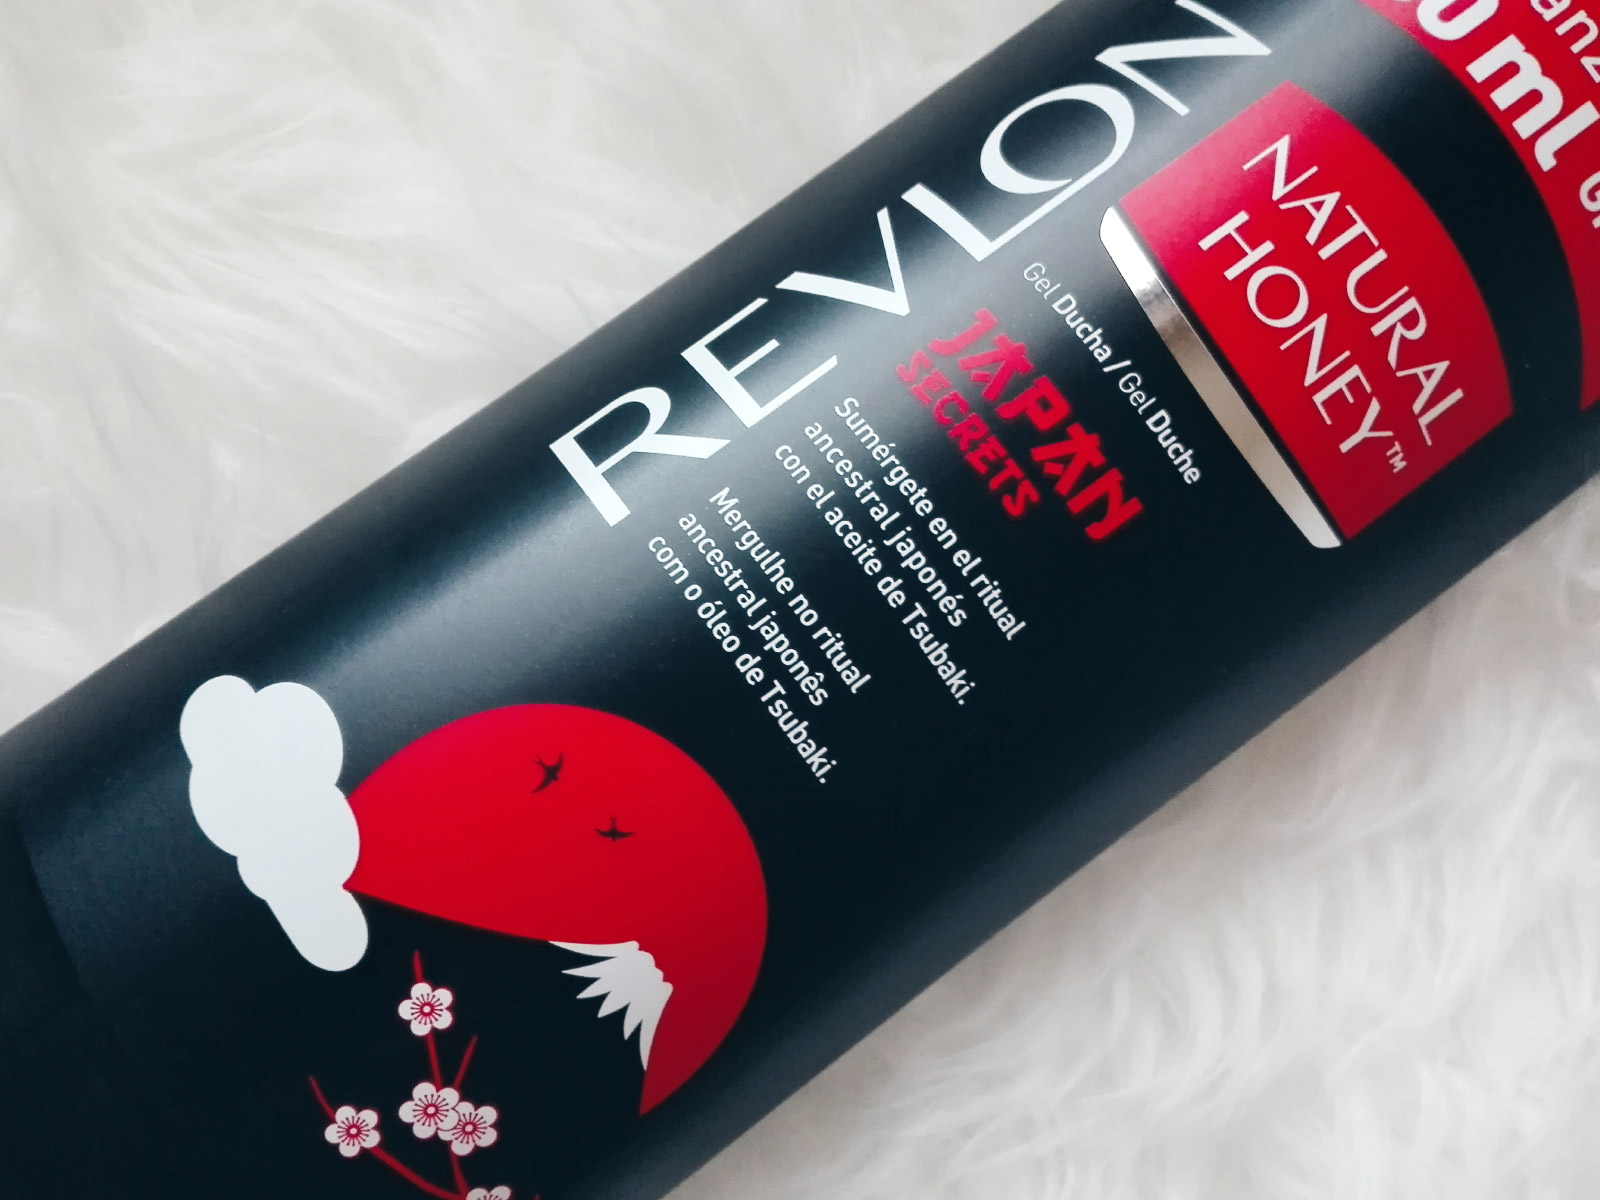 Primor Haul Revlon Natural Honey Japan Secrets Tsubaki Oil